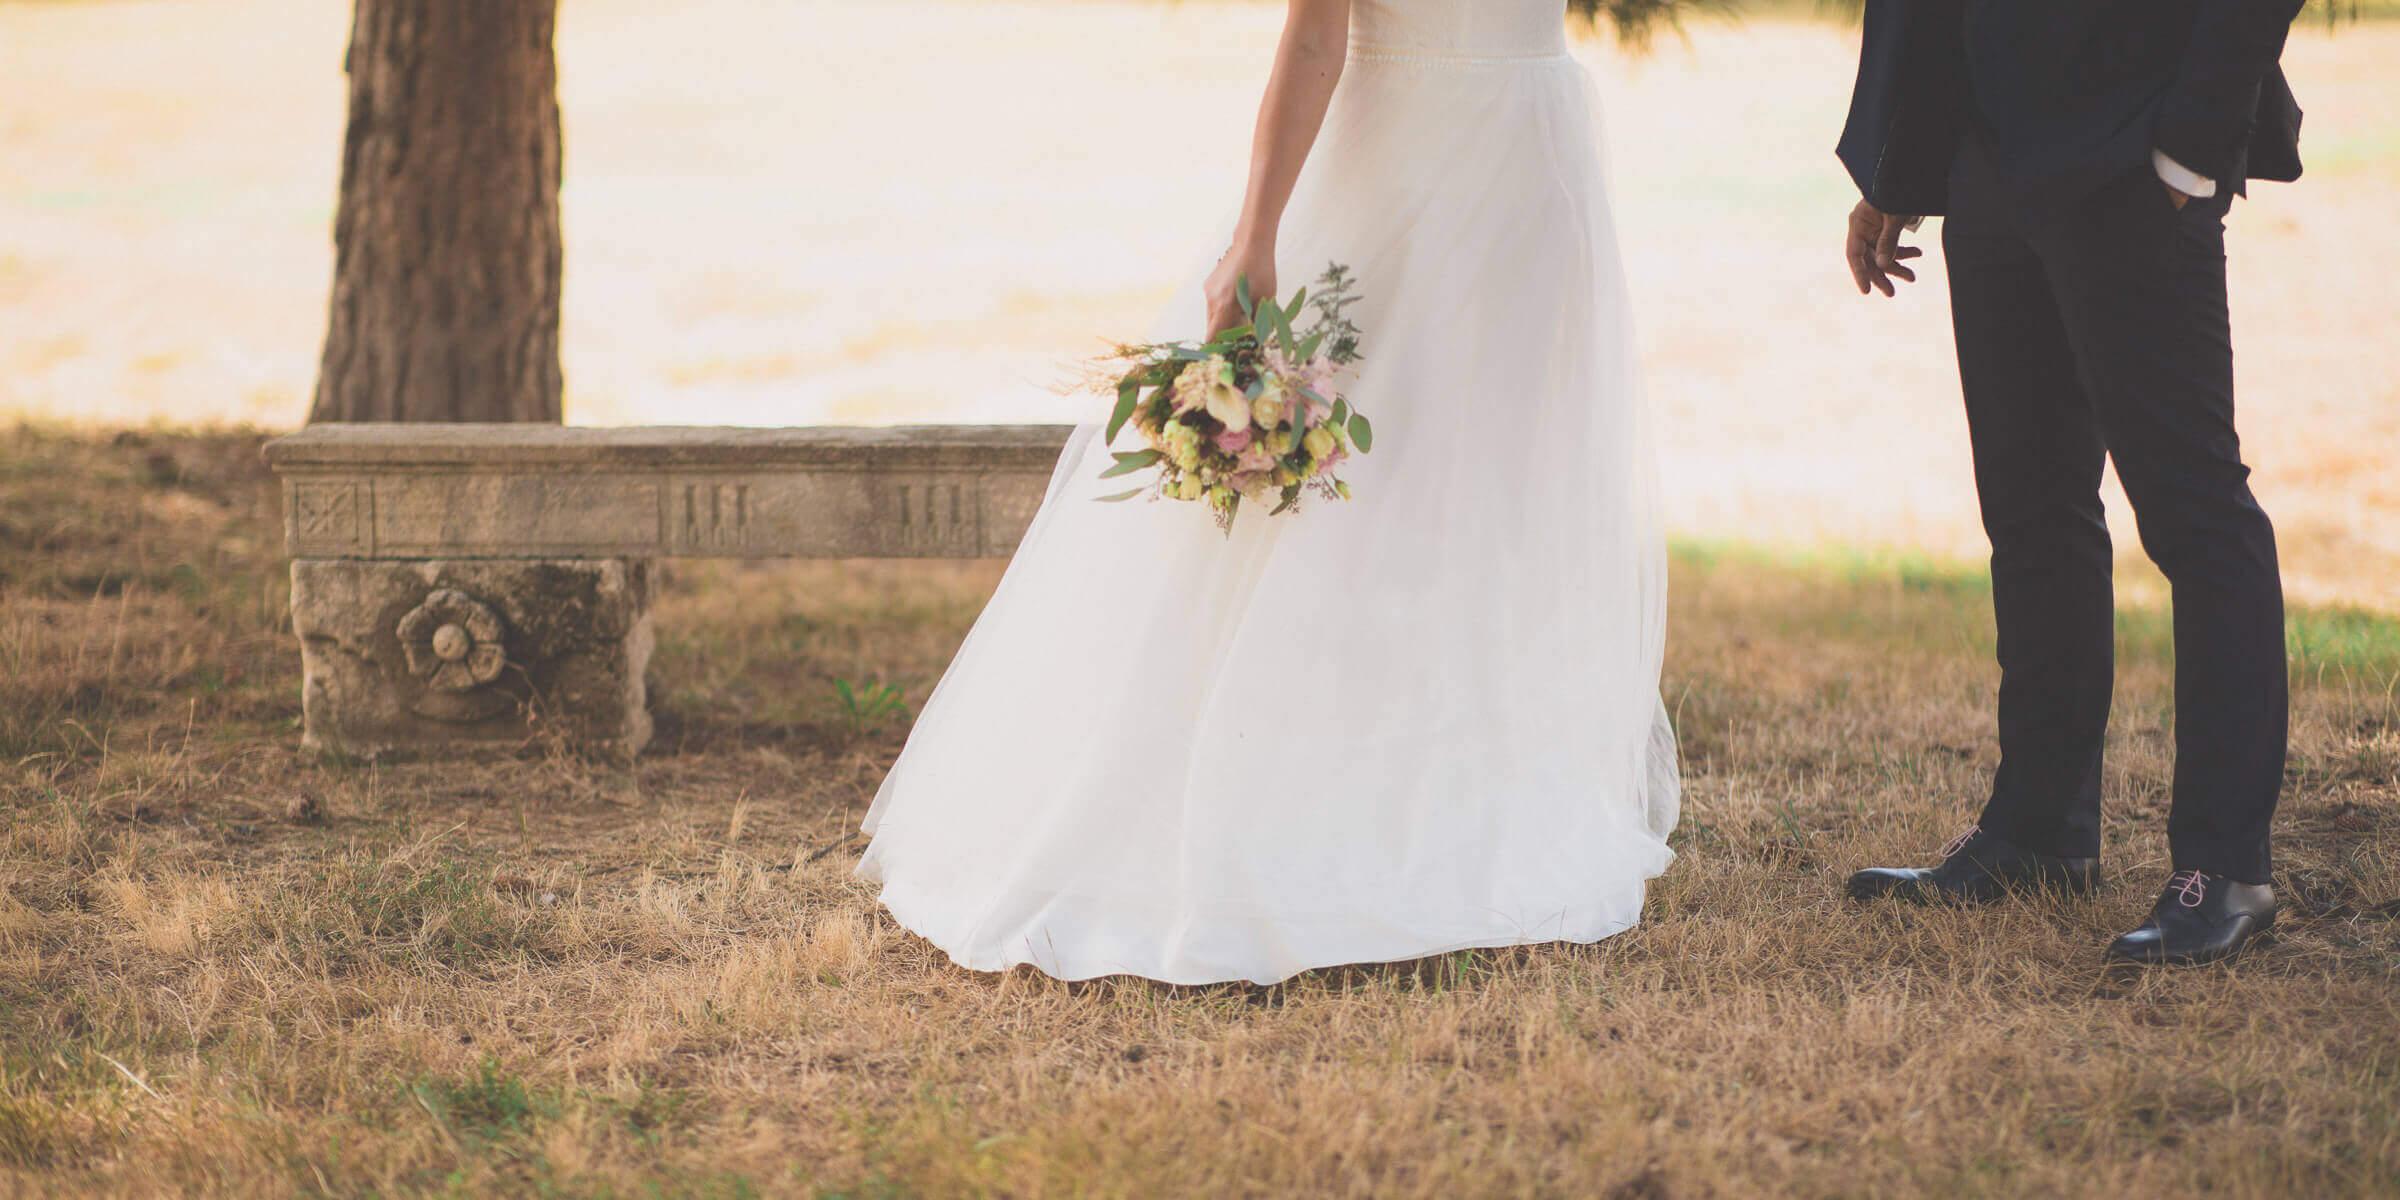 Photographie de mariage en composition tronquée